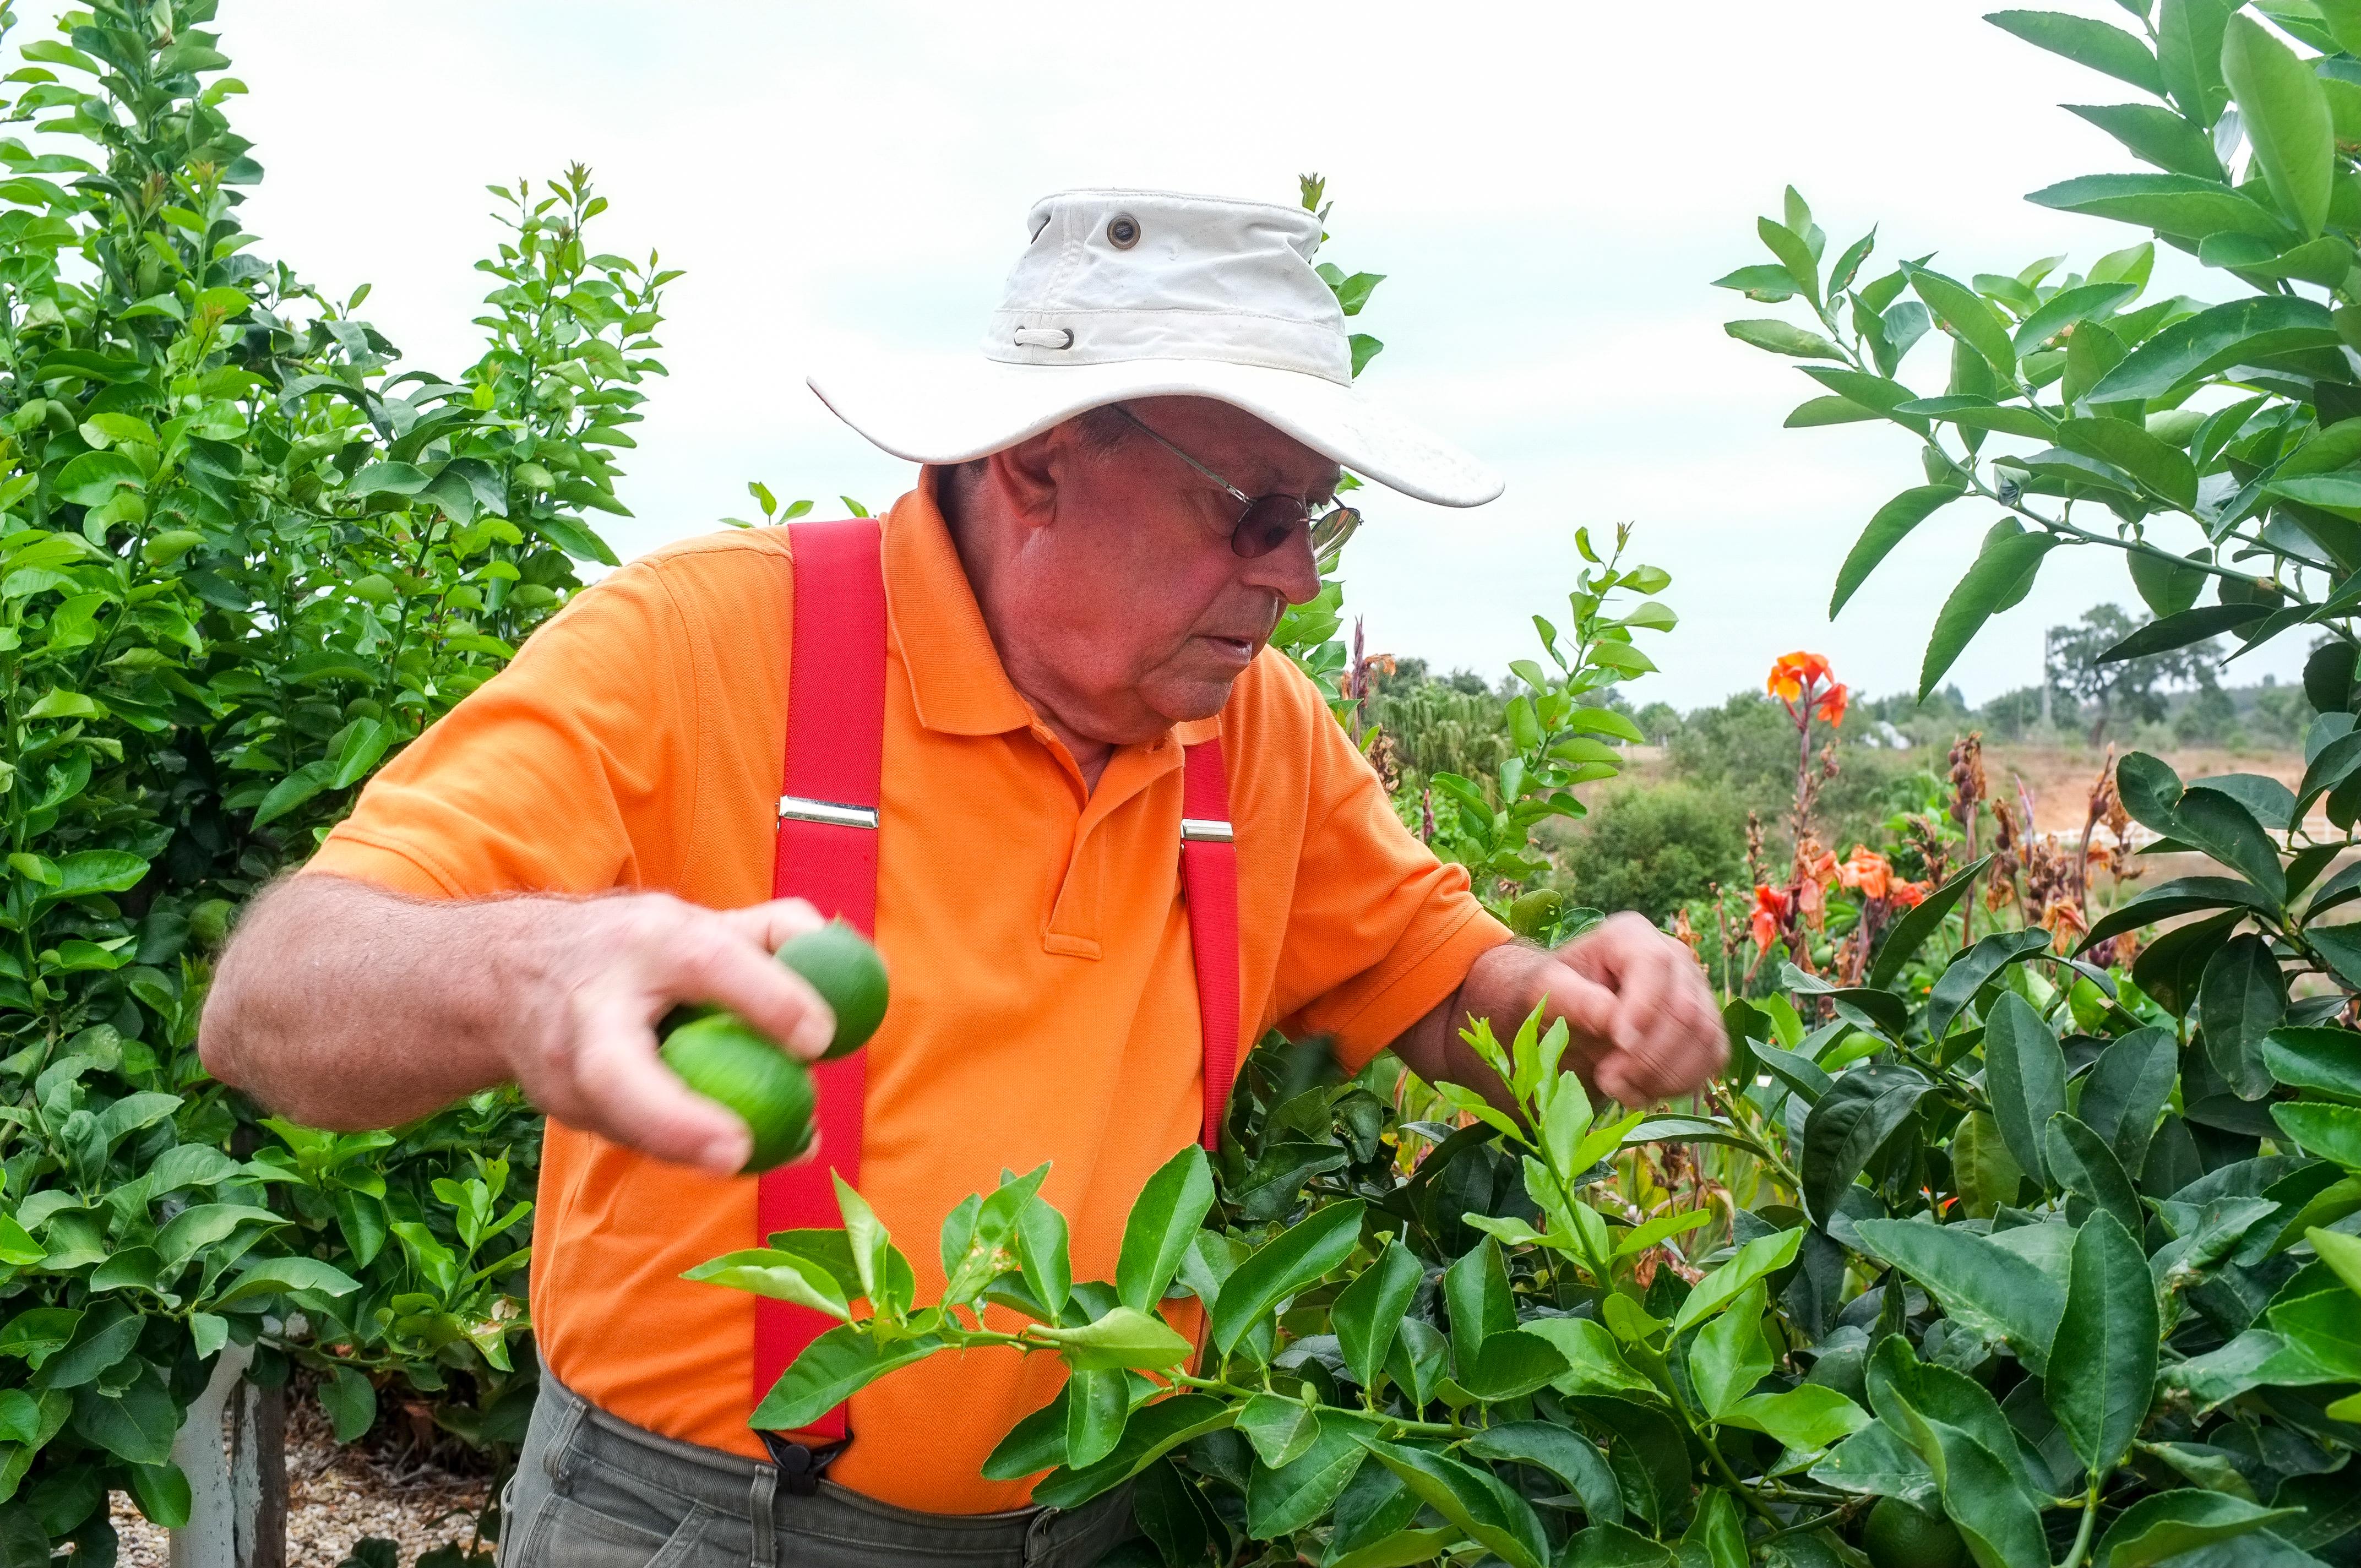 Hans Neuner: «J'aime comment Jean-Paul parle de ces plantes. Je regarde ses yeux, comment il touche ses produits. Je n'ai pas besoin de comprendre ce qu'il dit (Jean-Paul parle en français, NdlR), je ressens juste sa passion.»